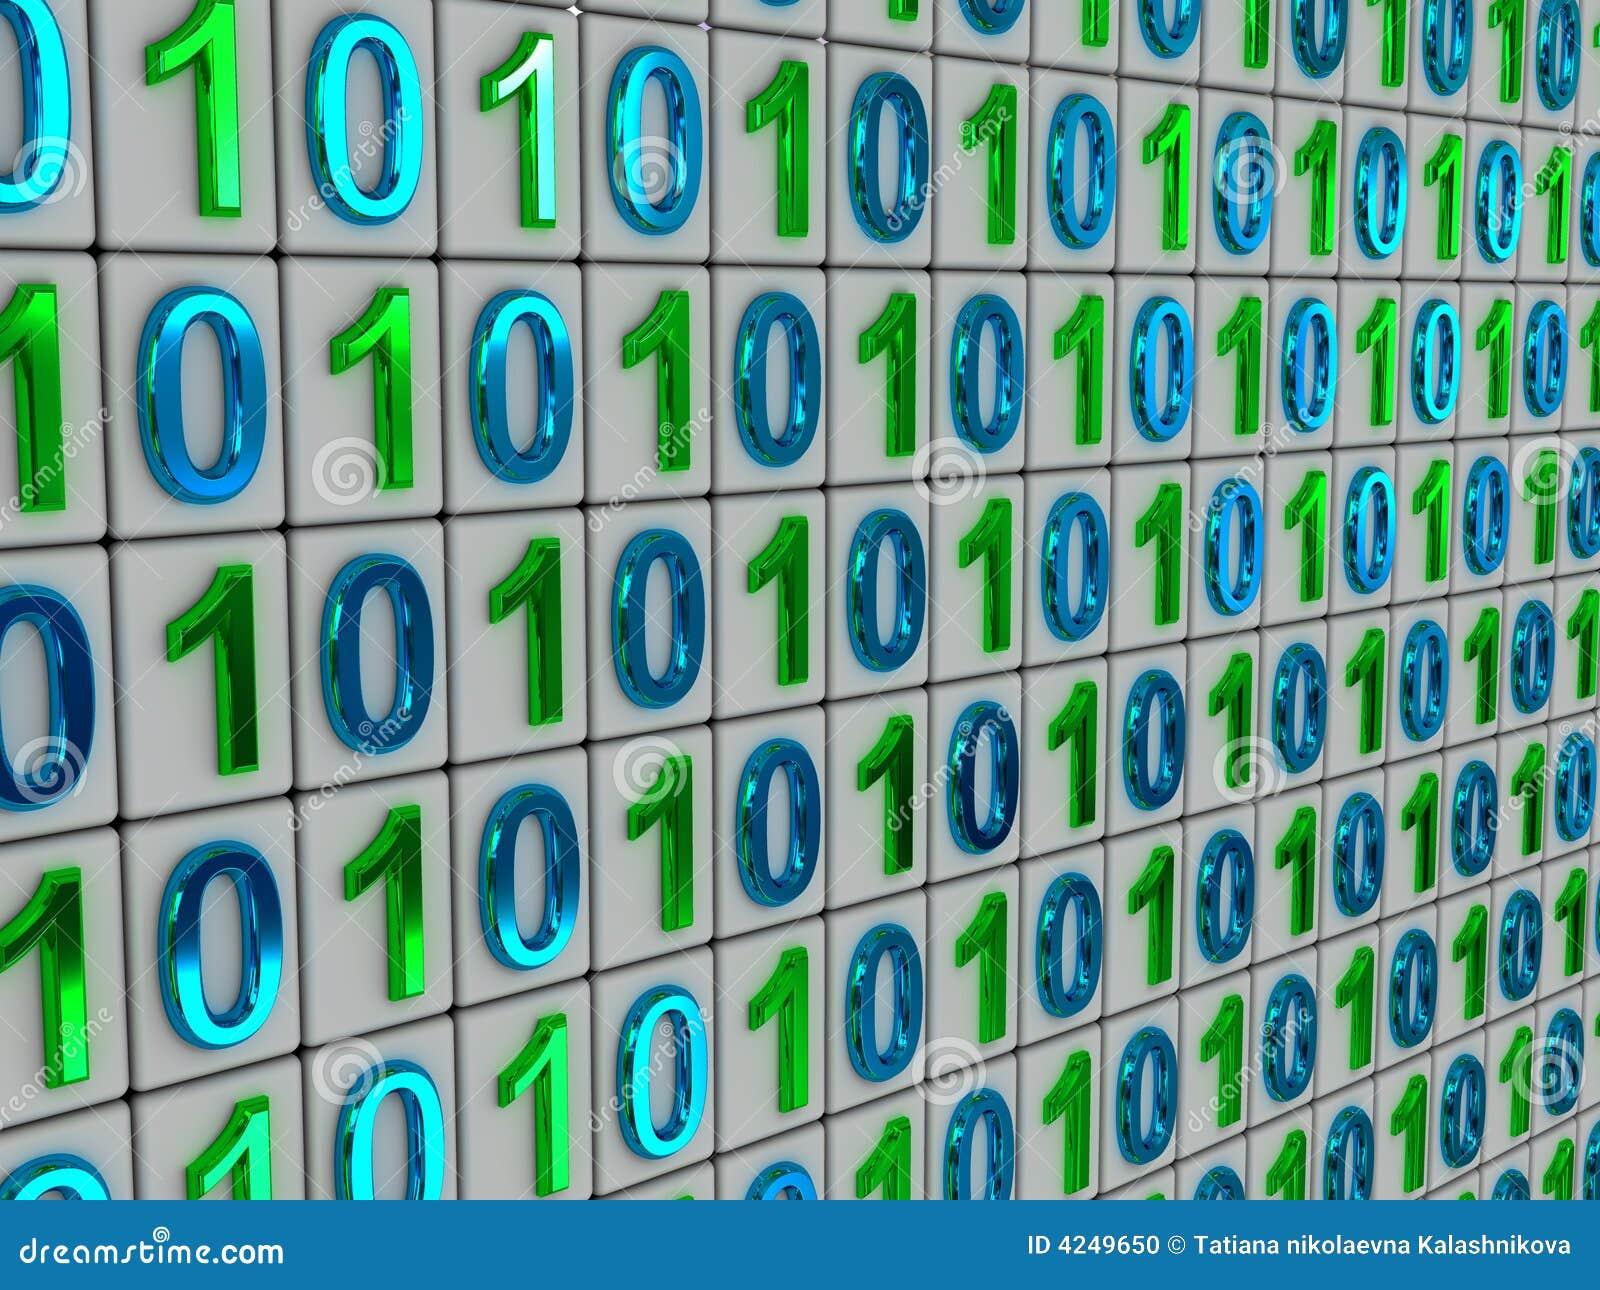 Binary code.